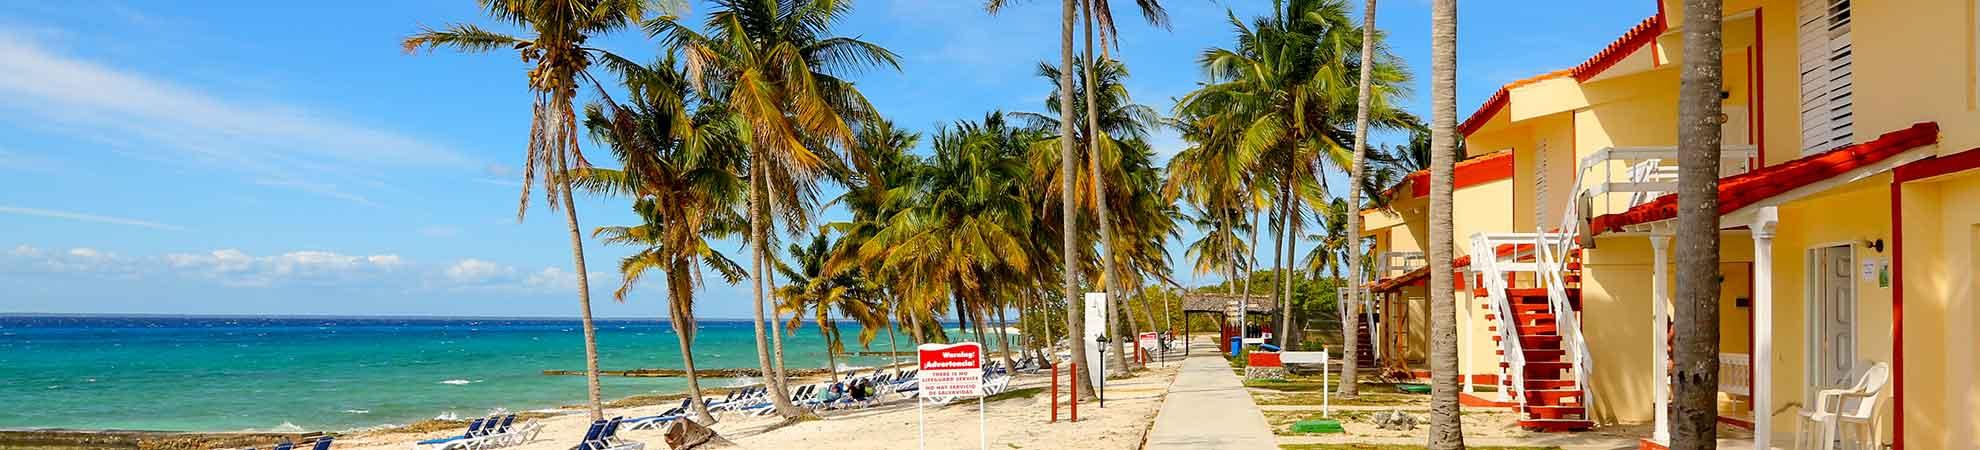 Quand partir à Cuba : peut-on faire un voyage en toute saison ?